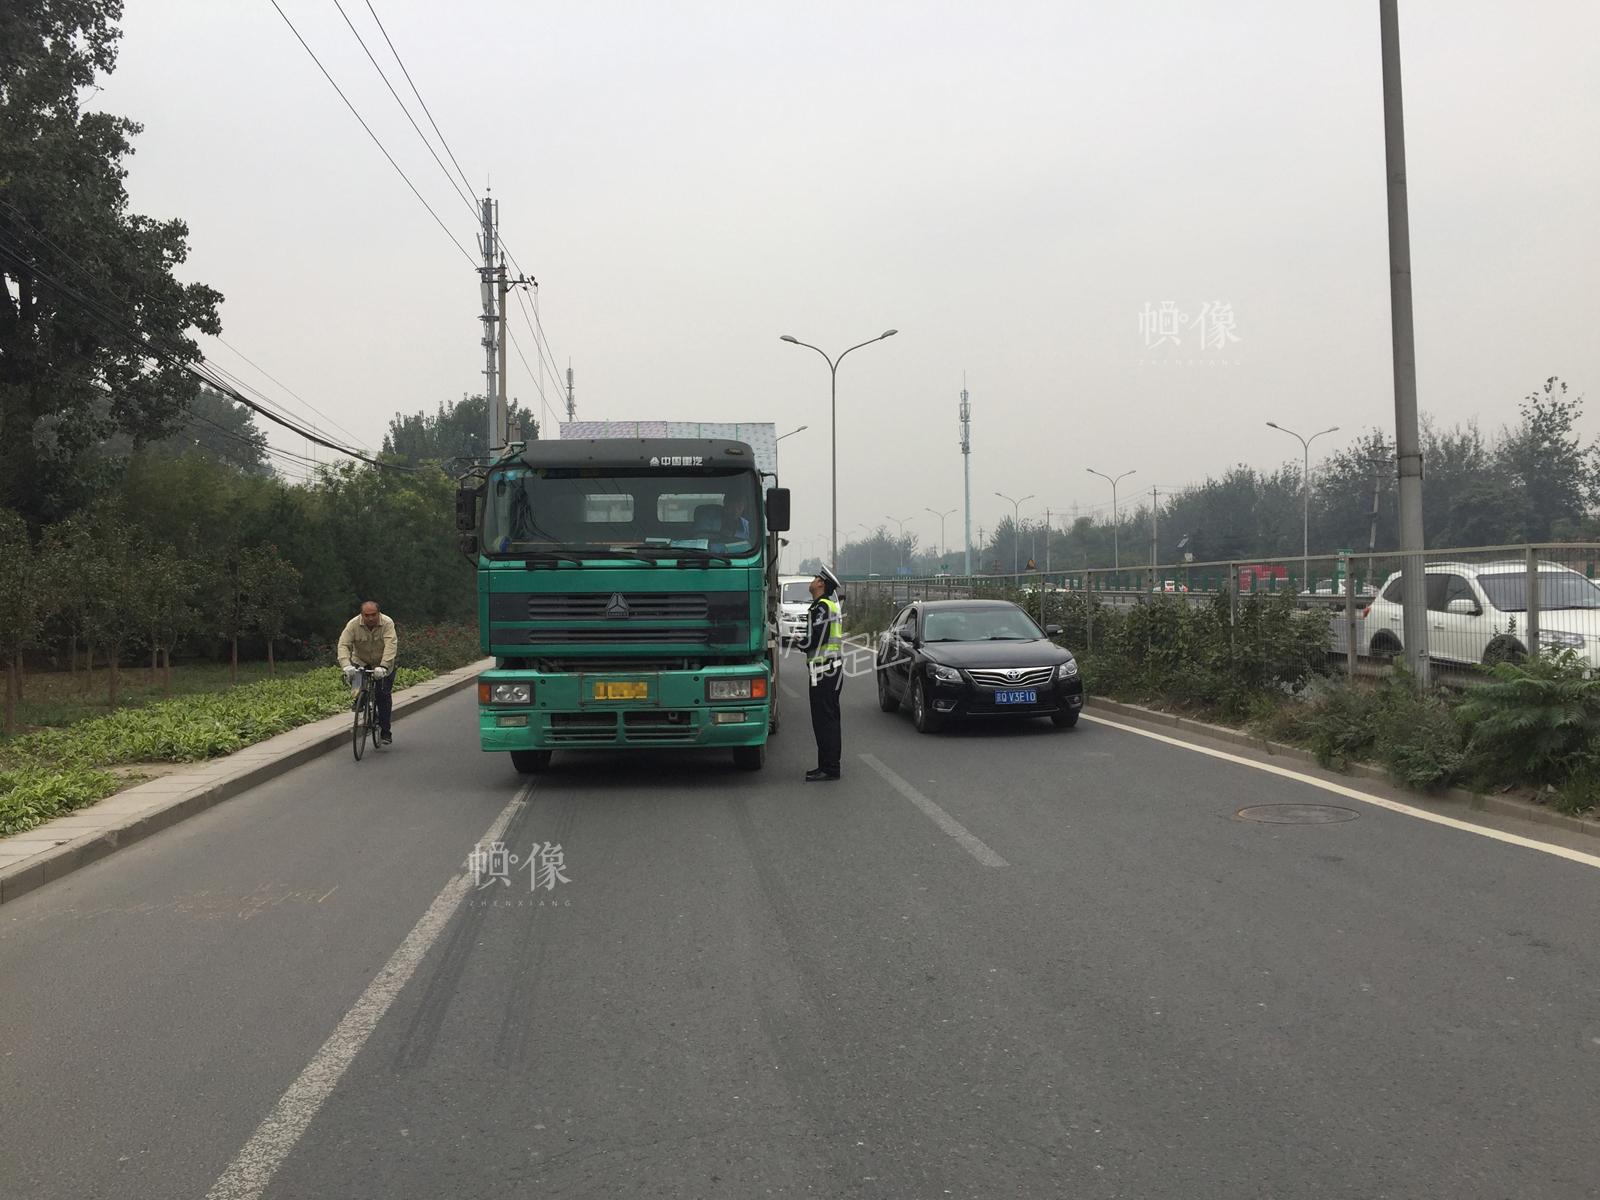 2016年10月15日,五环内京哈辅路,交警在整顿货车时发现有货车违法闯禁行。(北京交管局朝阳支队劲松大队供图)